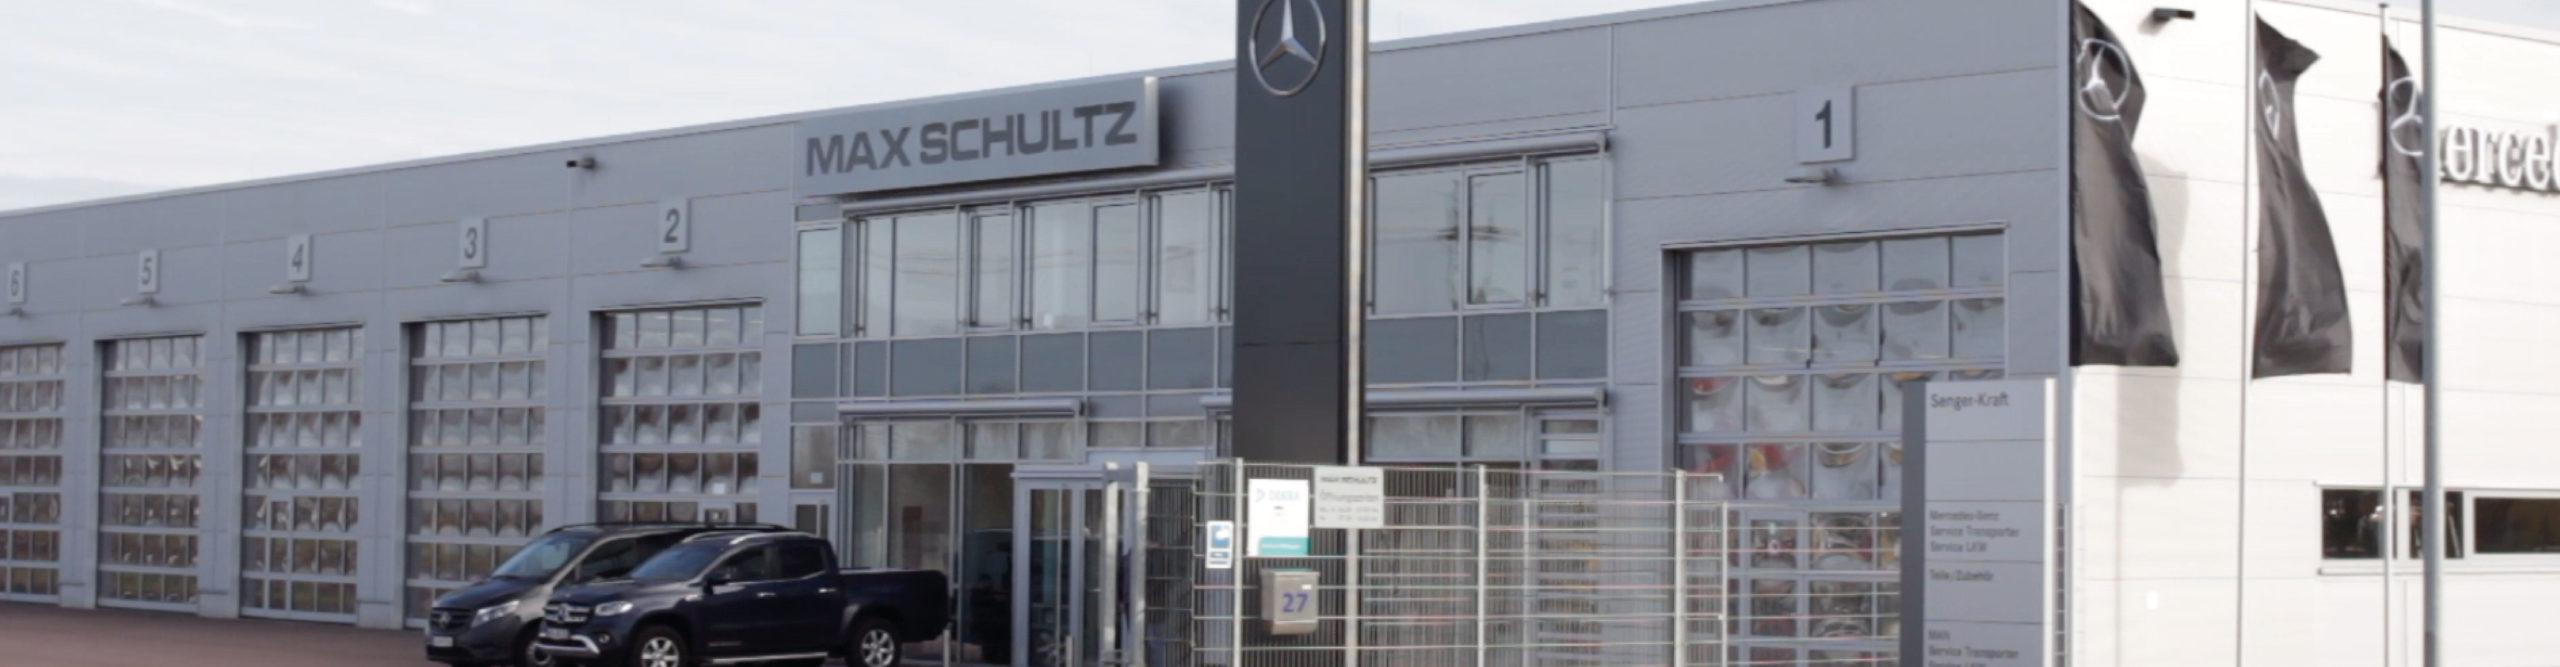 Autohaus_Max-Schultz-Standort-Leipzig-Radefeld-NFZ